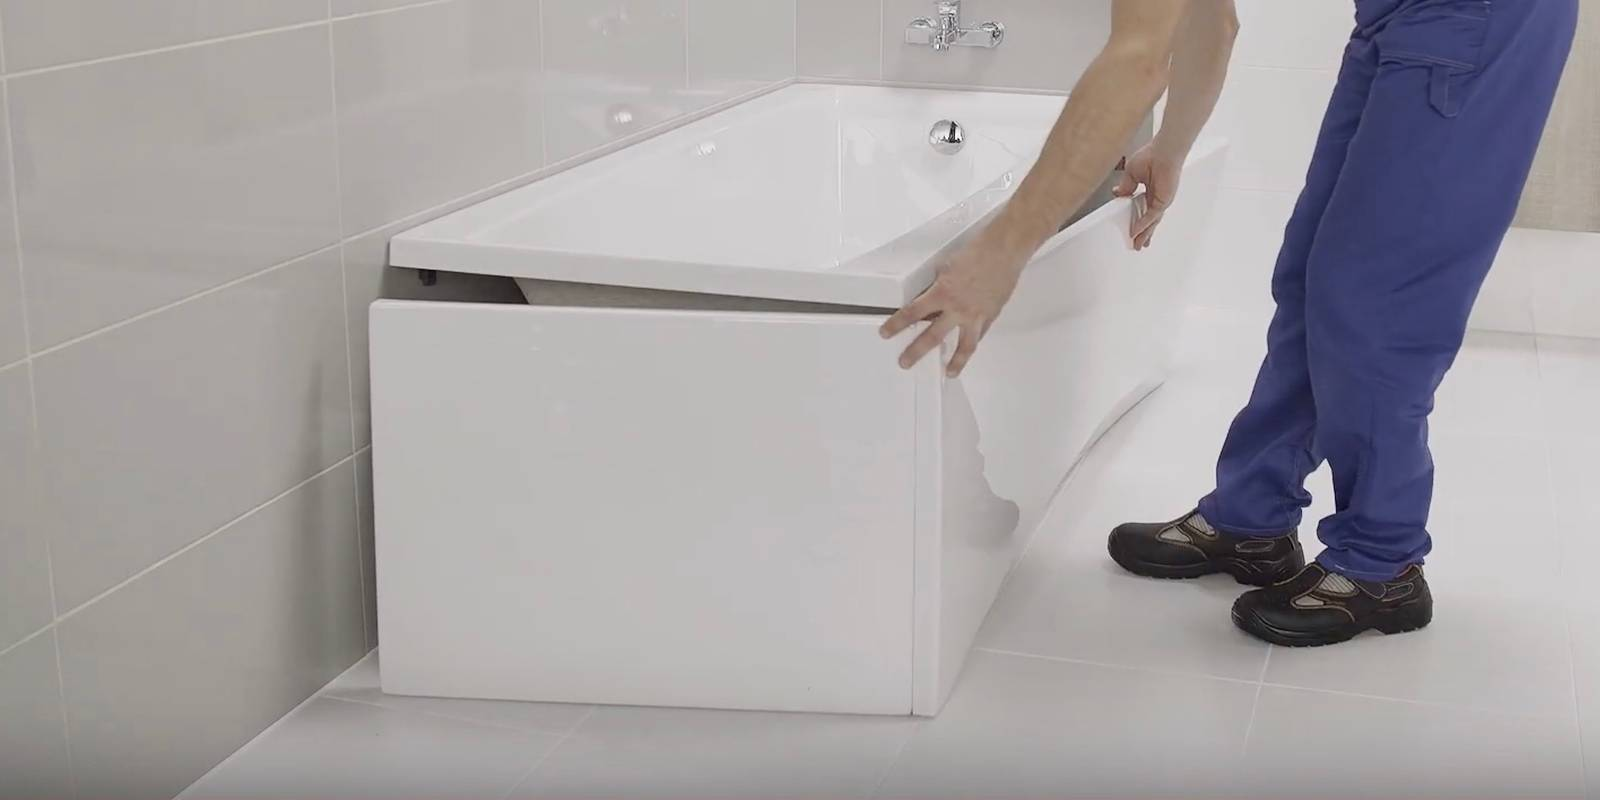 Как установить экран под ванну: установка экрана для ванны, как поставить раздвижной пластиковый экран своими руками, как крепится правильно, как закрепить, как собрать